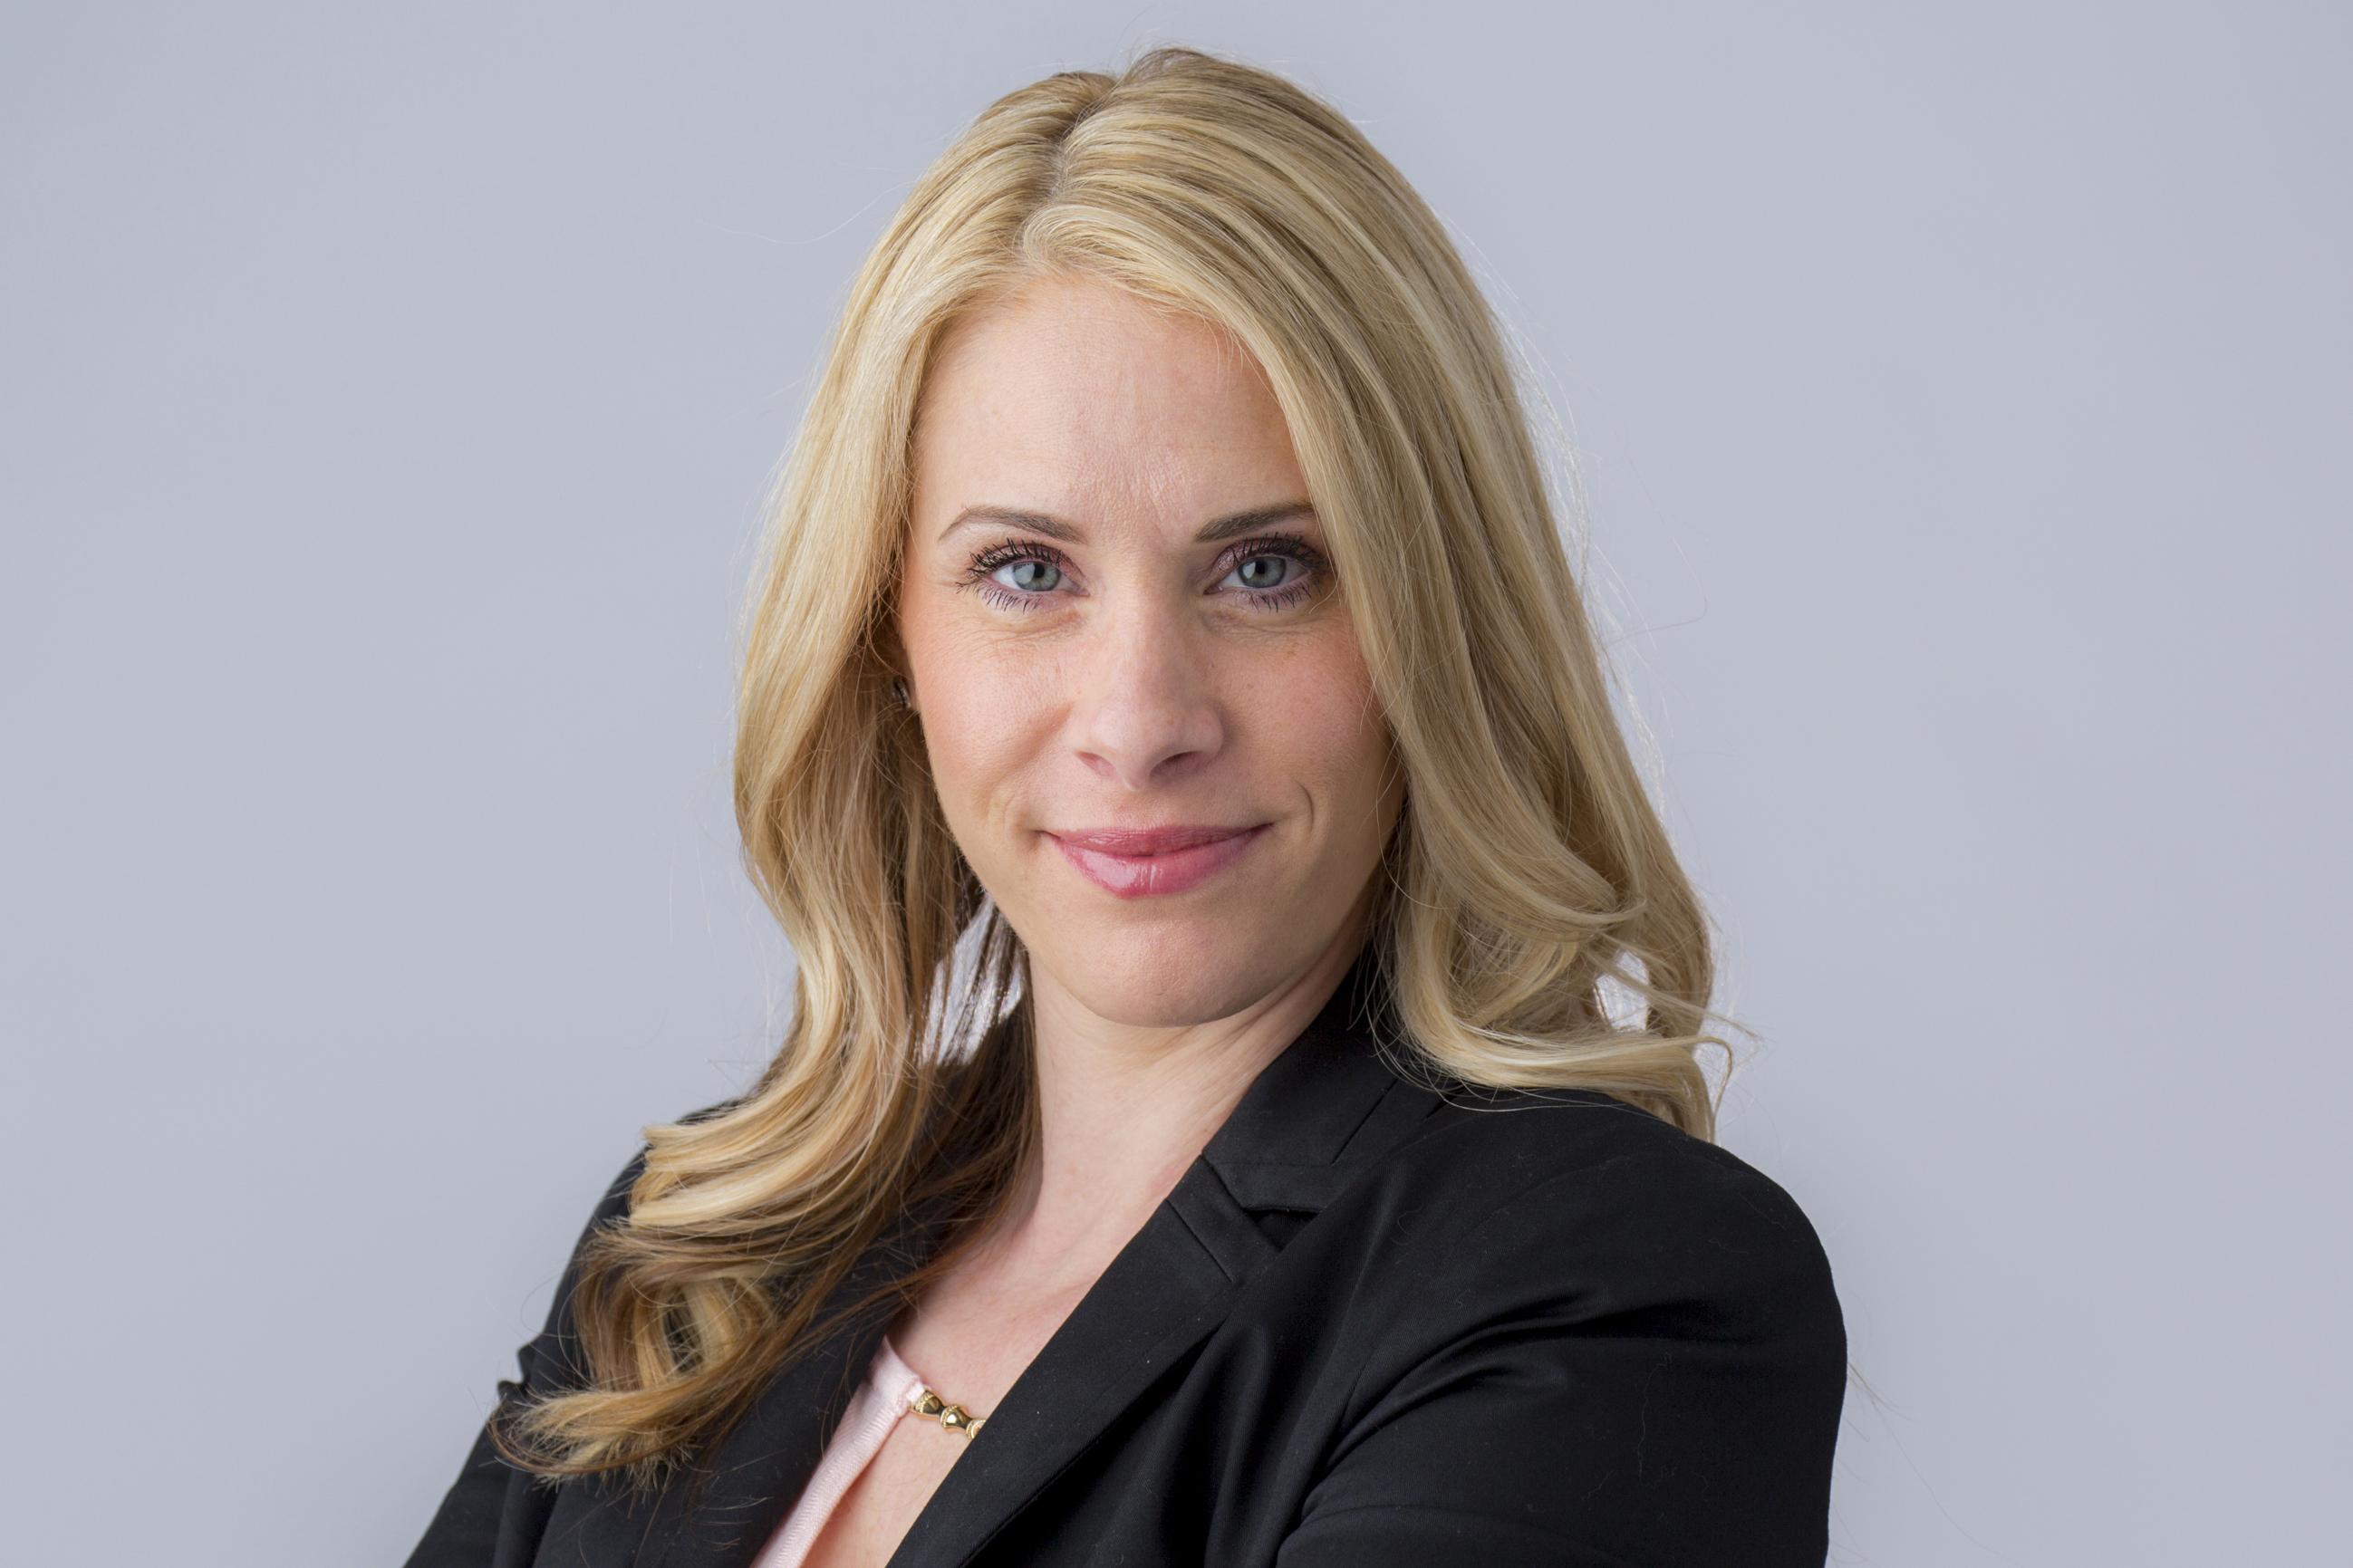 Karen Javier